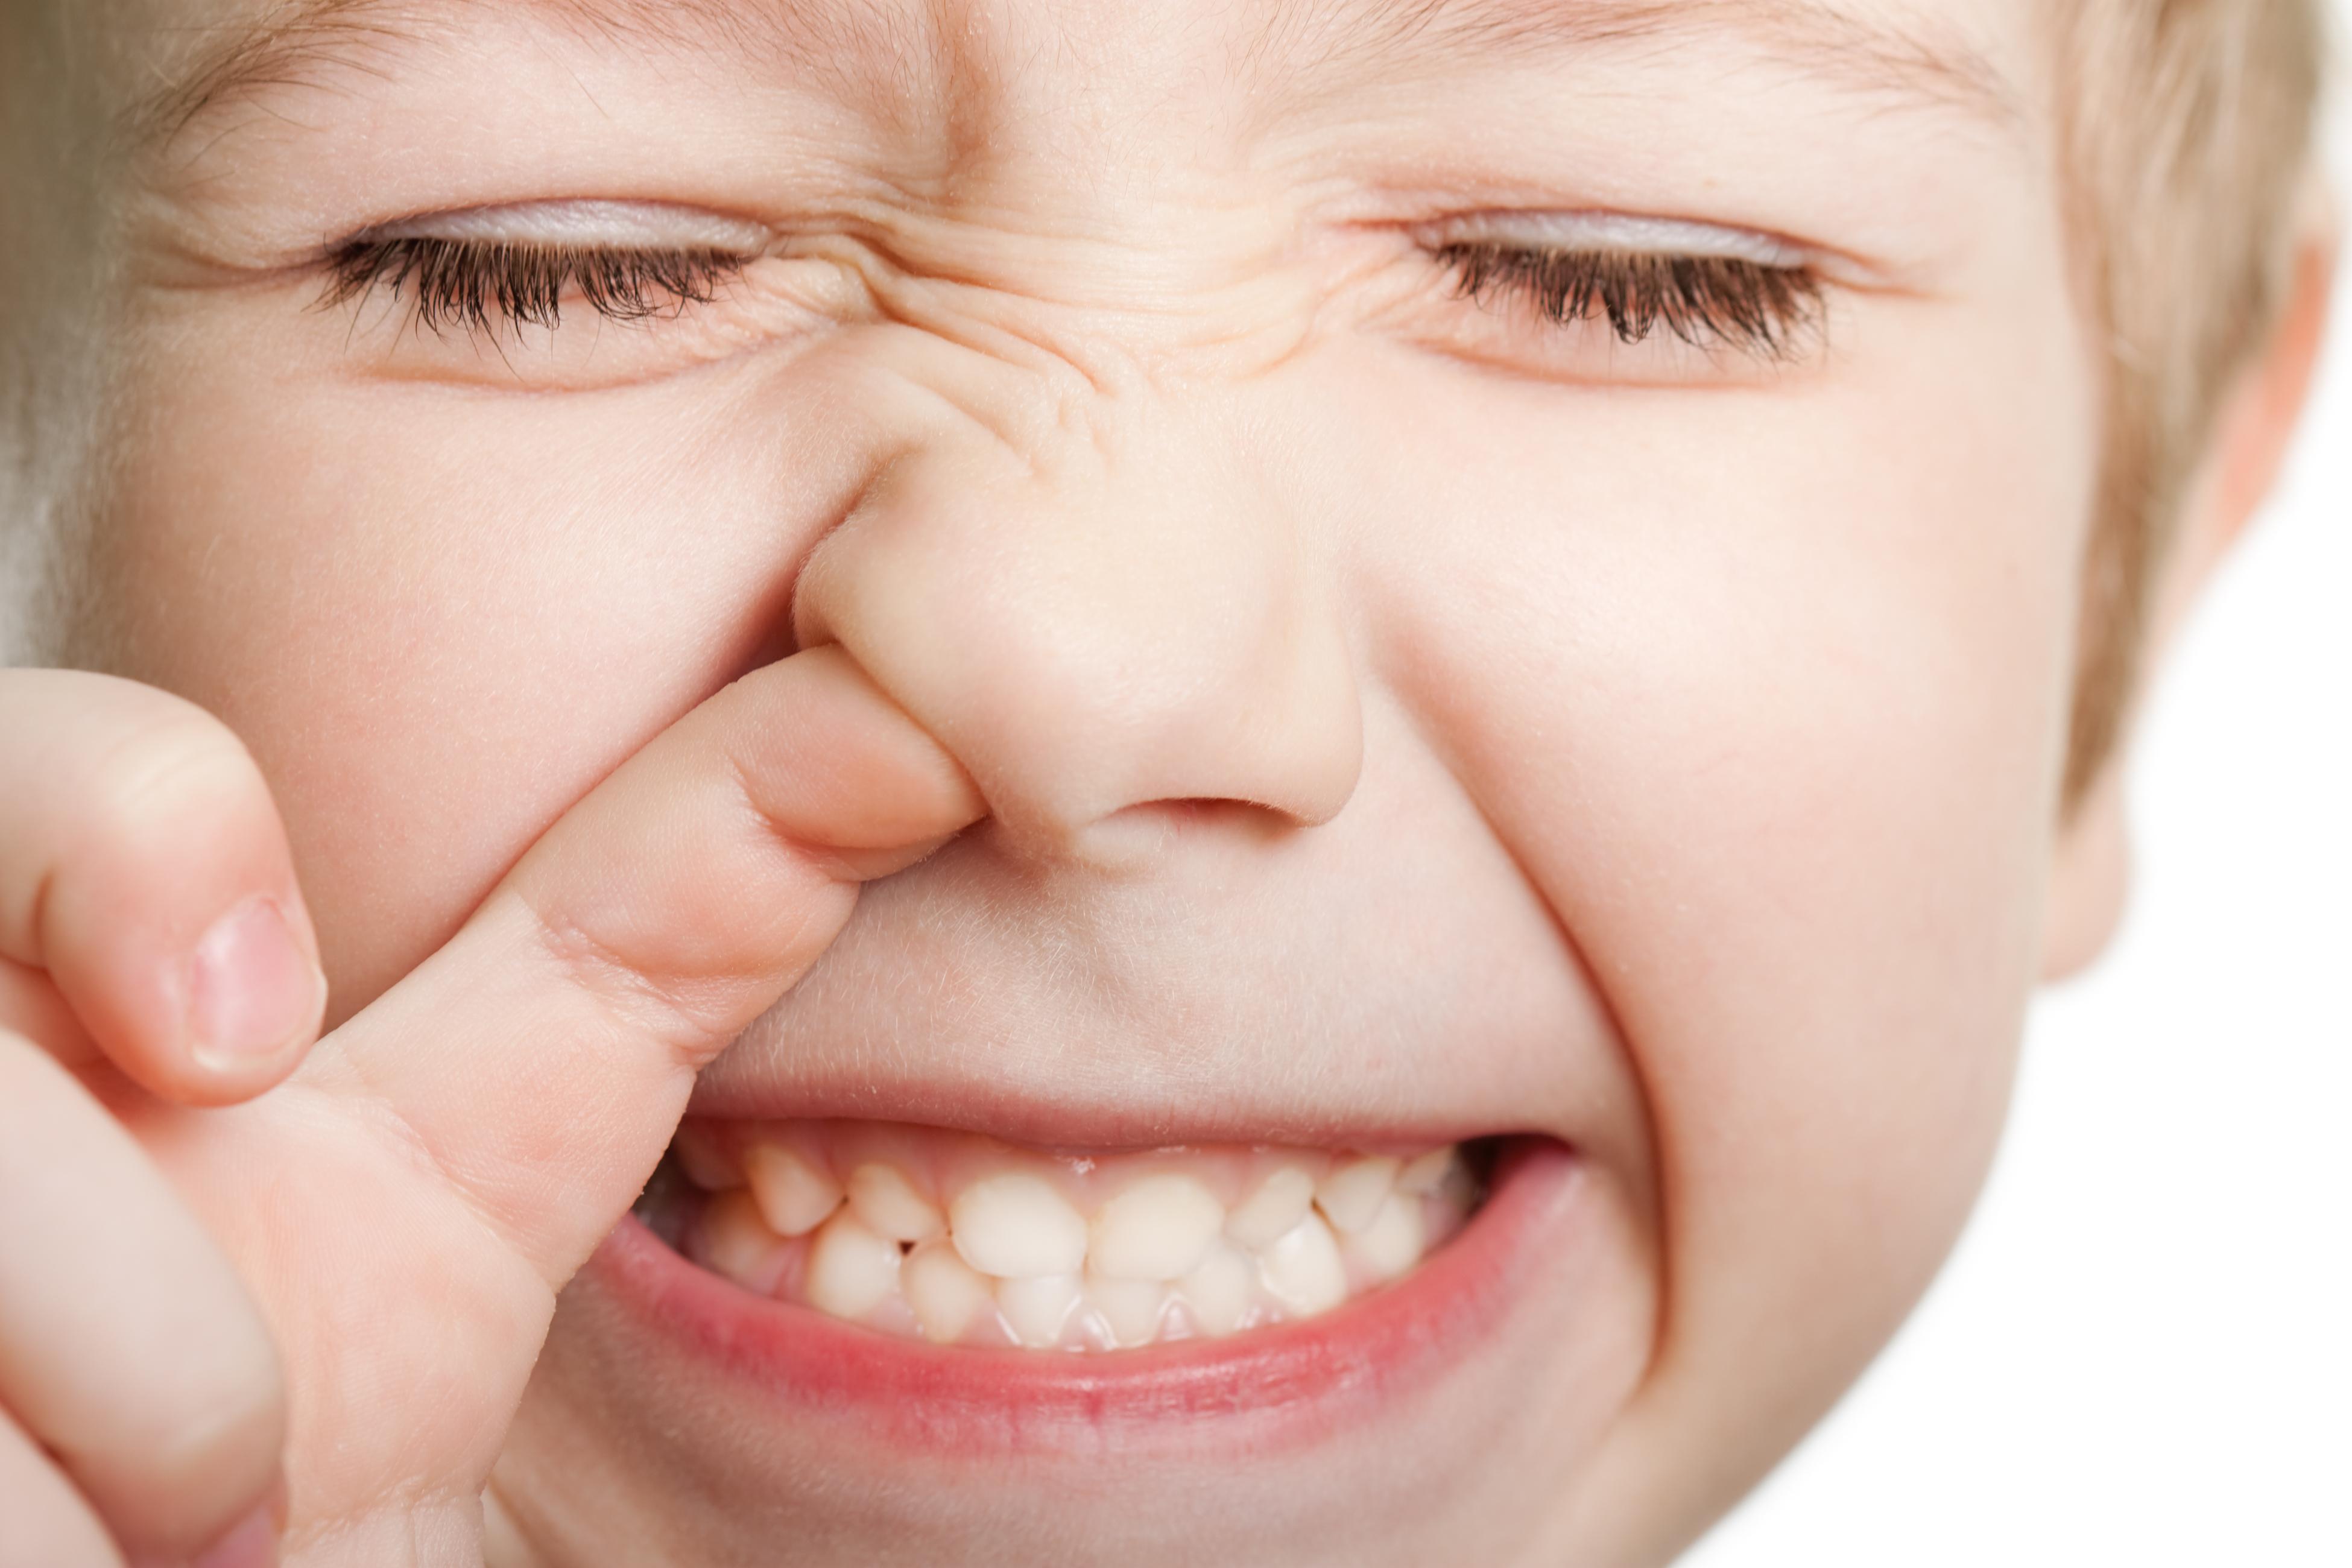 blod i näsan vid förkylning